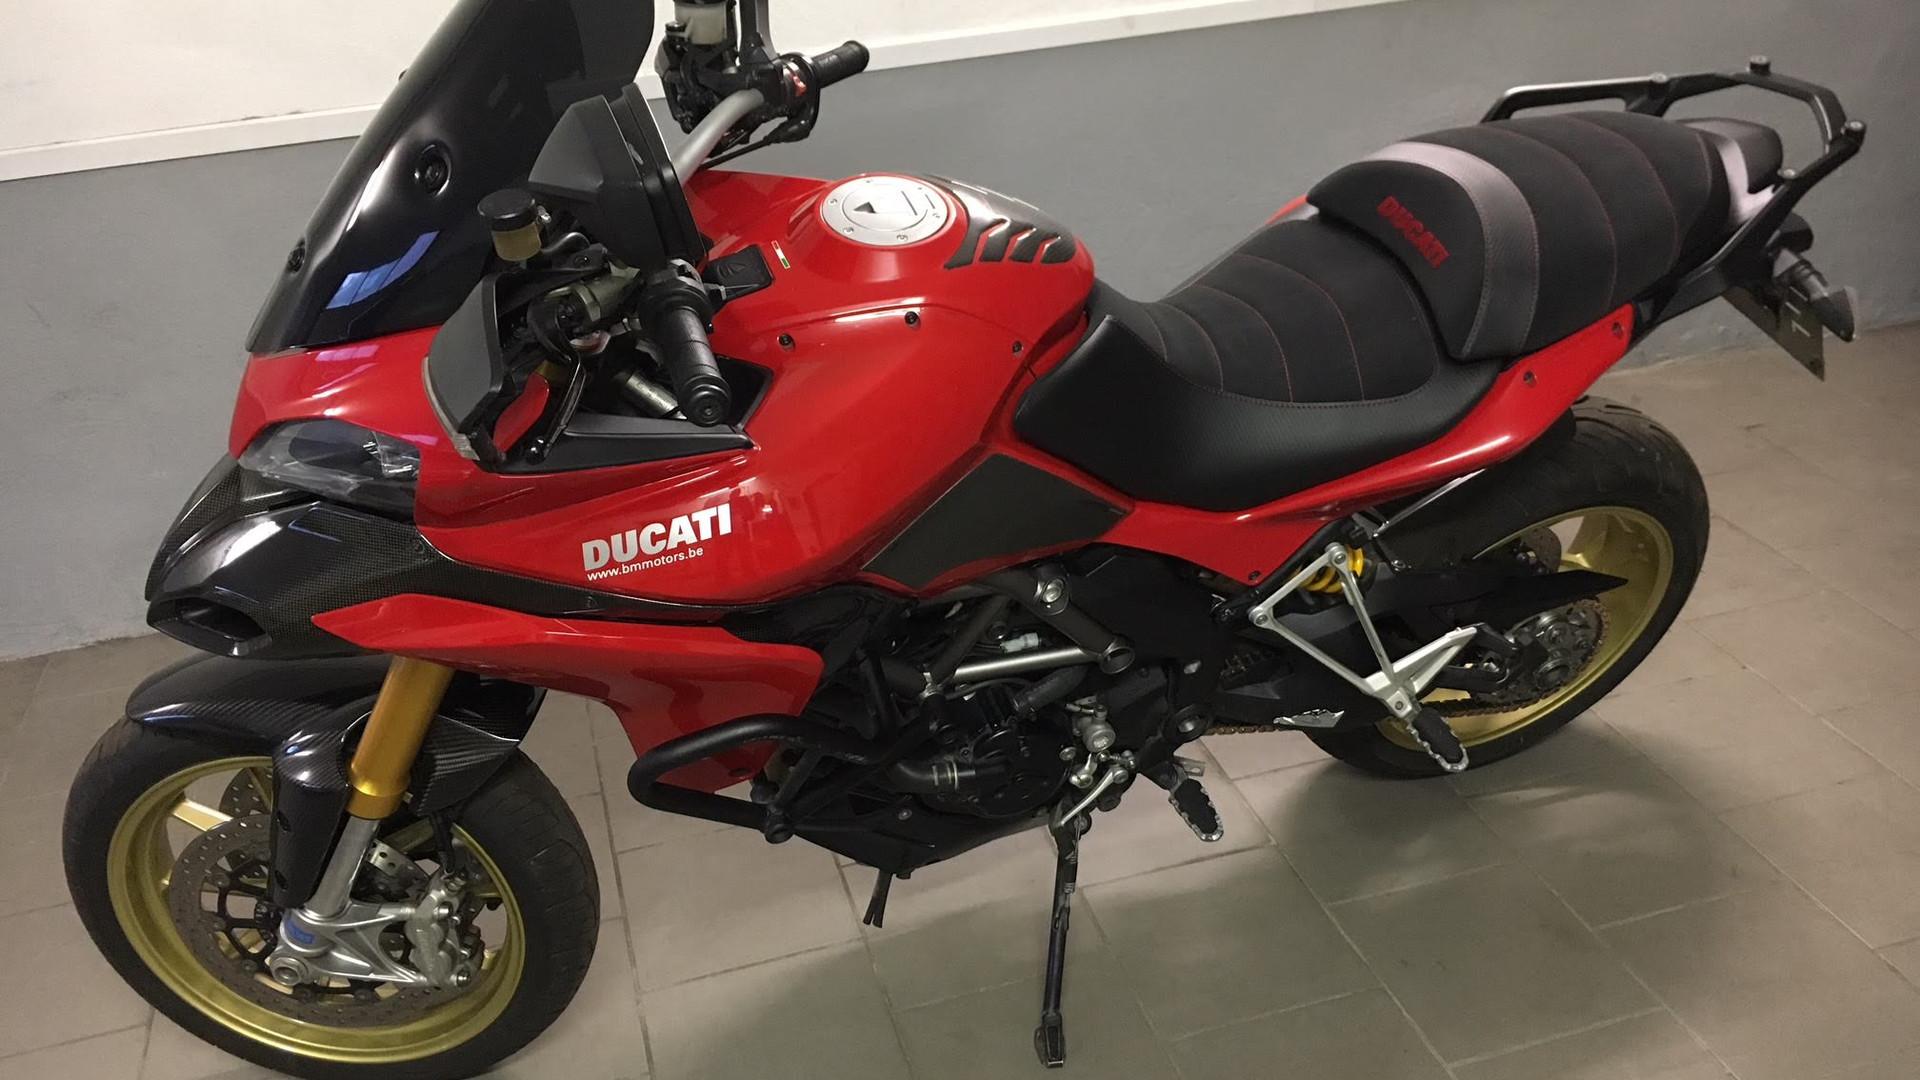 Ducati Multisrada